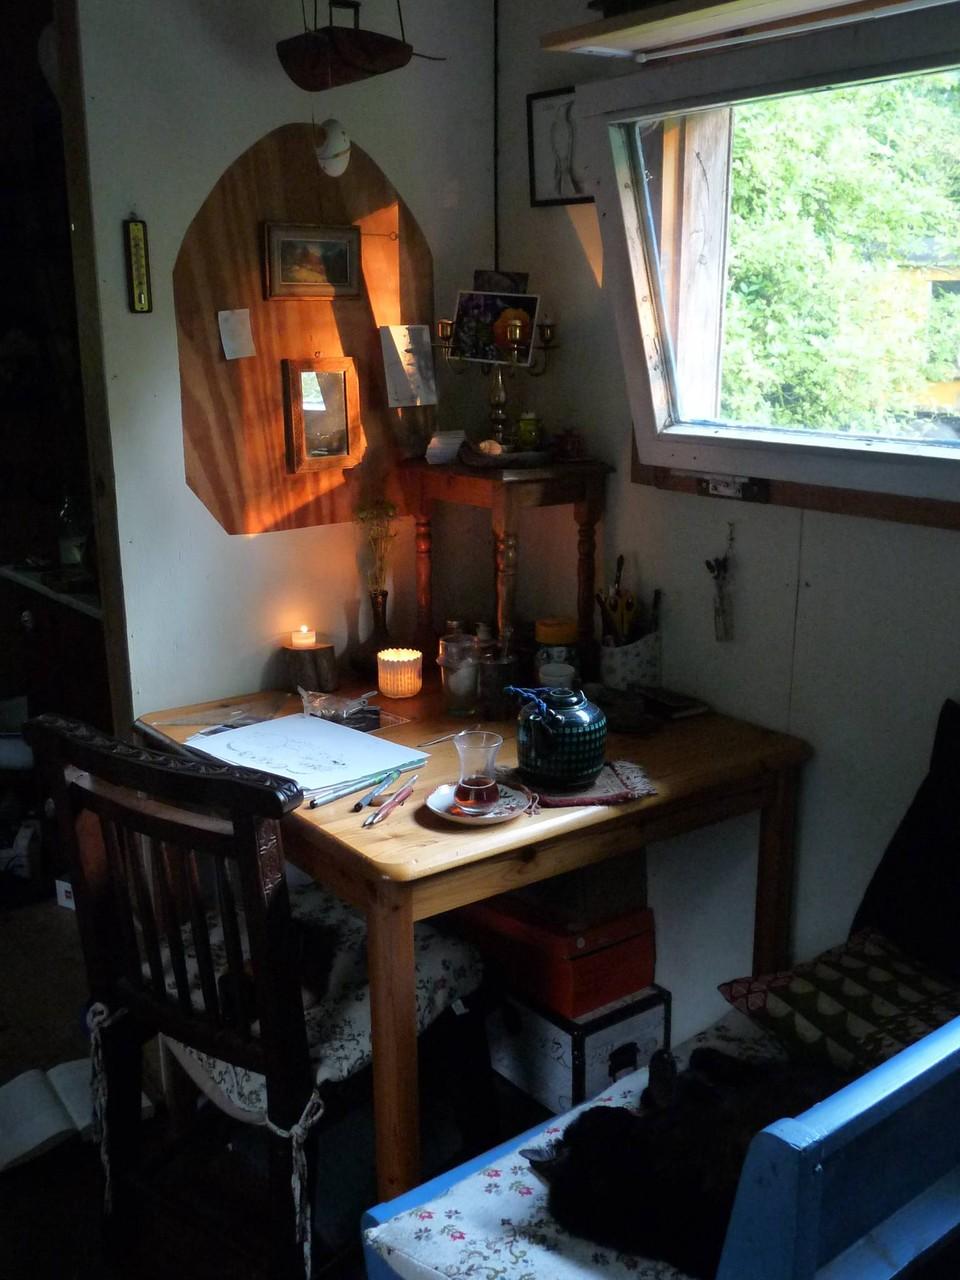 Meine Ess- und Arbeitsecke. Mit Blick auf die Lichtung der alten Obstwiese.